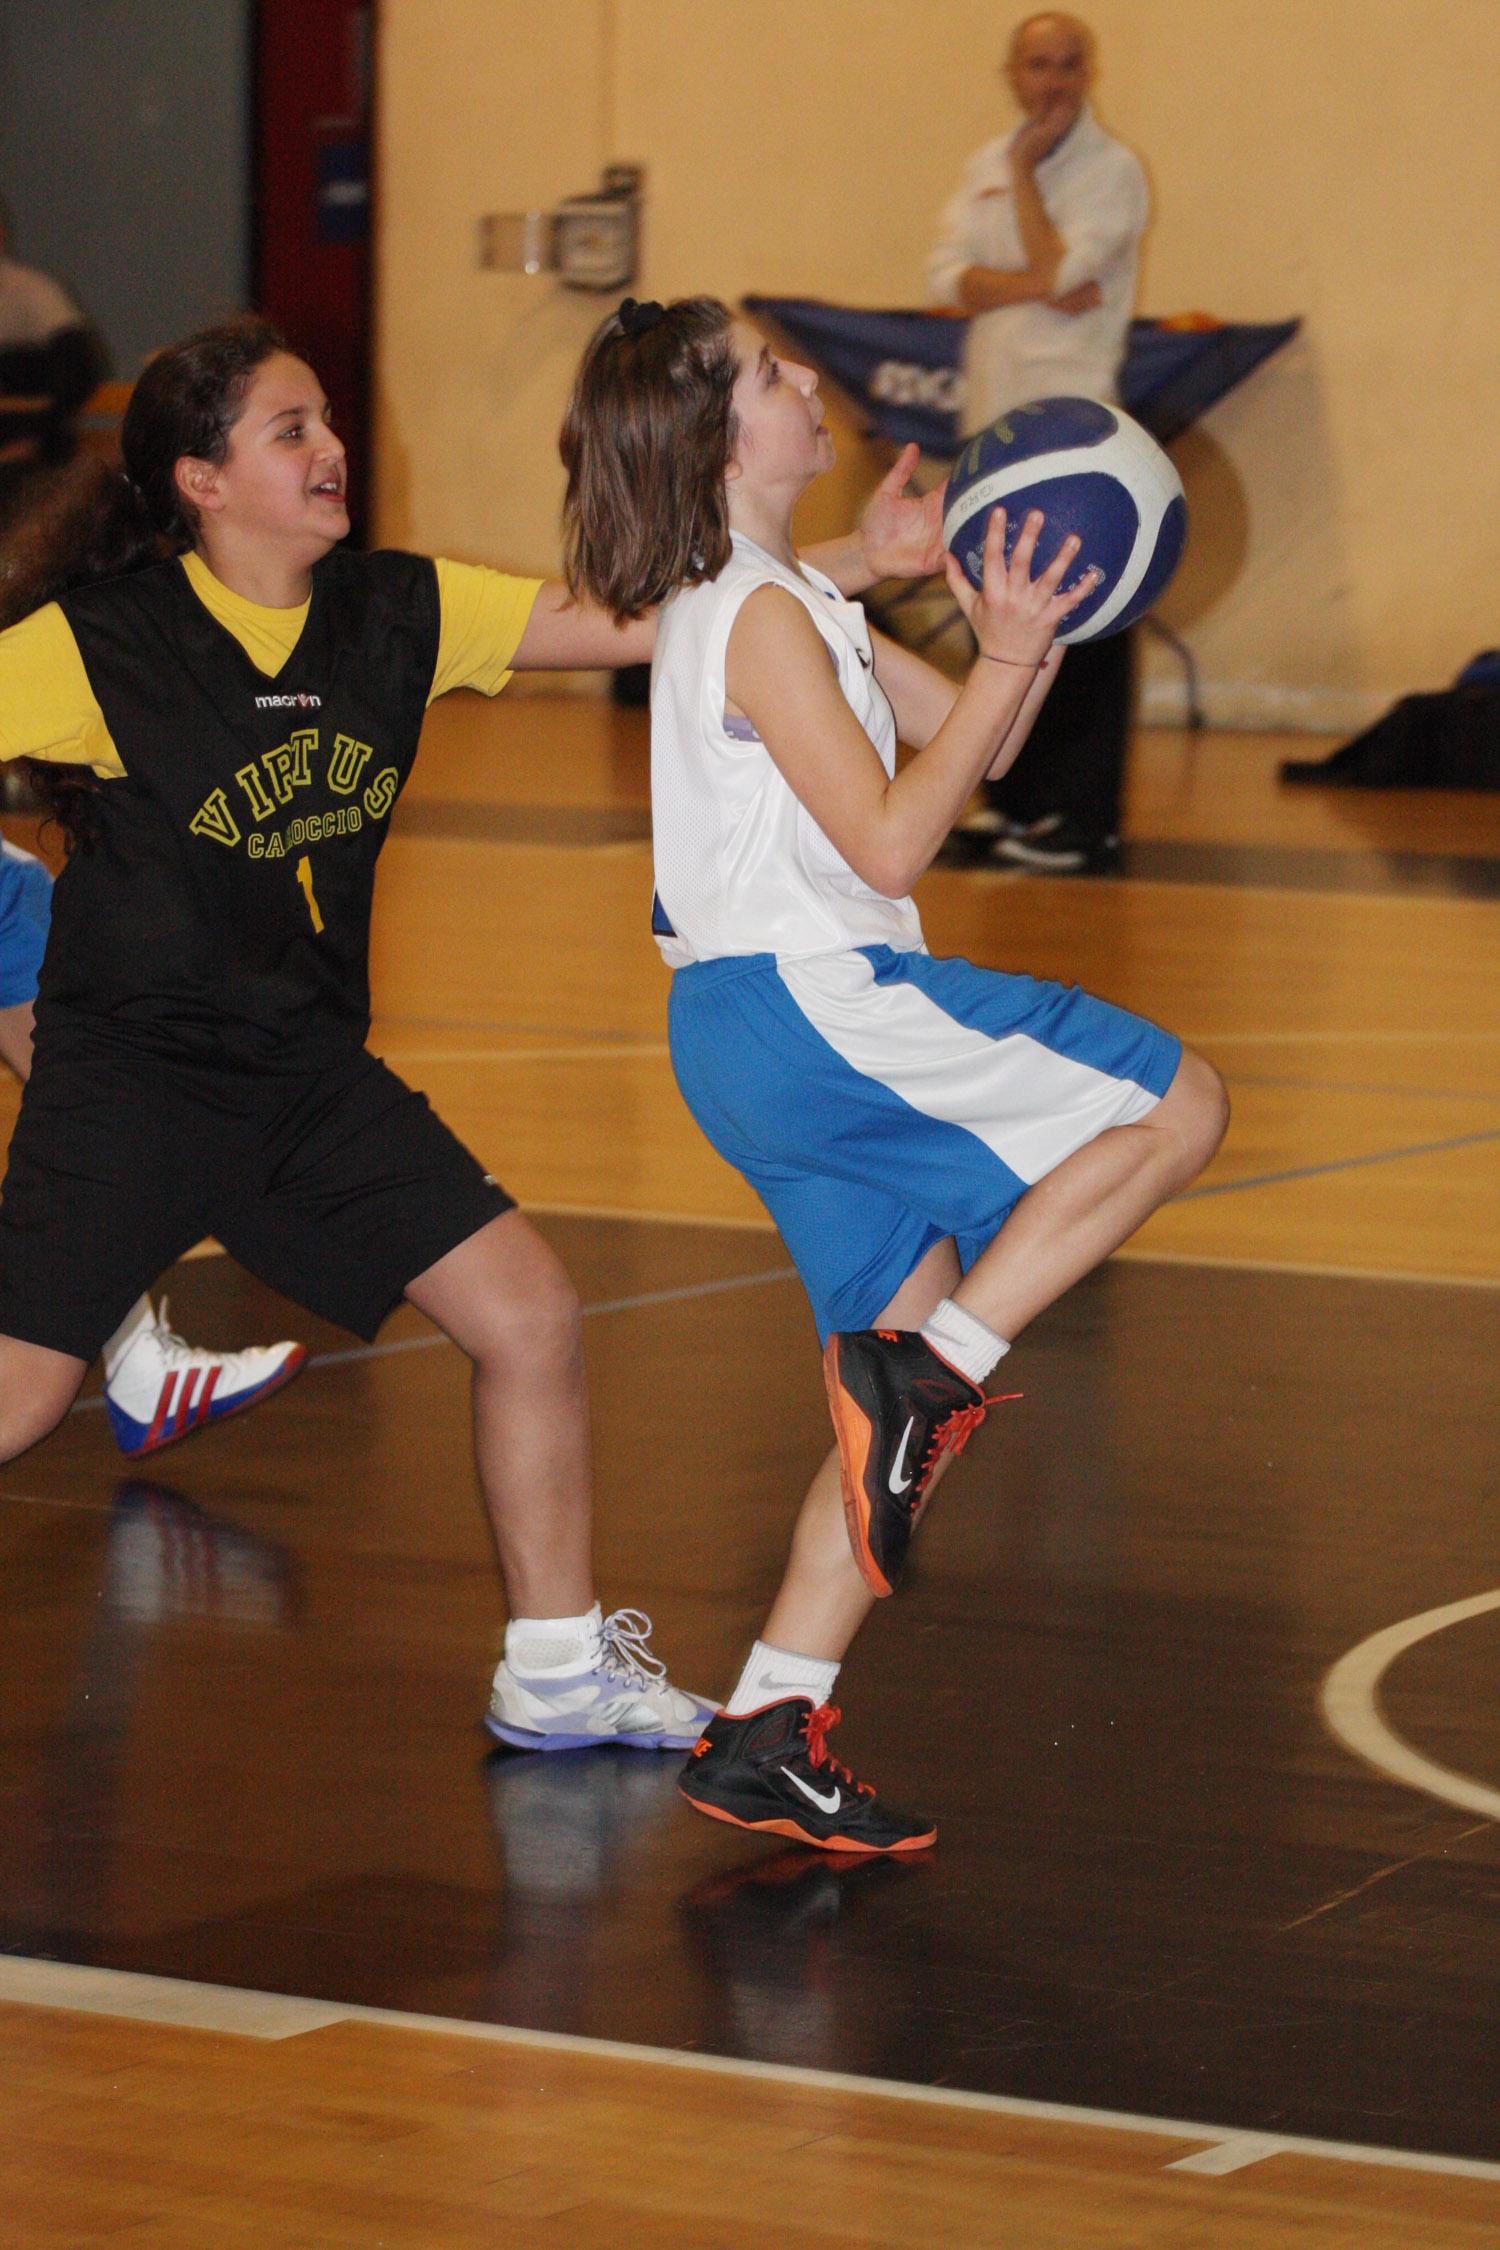 U13 - Baskettiamo Vittuone vs Carroccio Legnano 00023.jpg